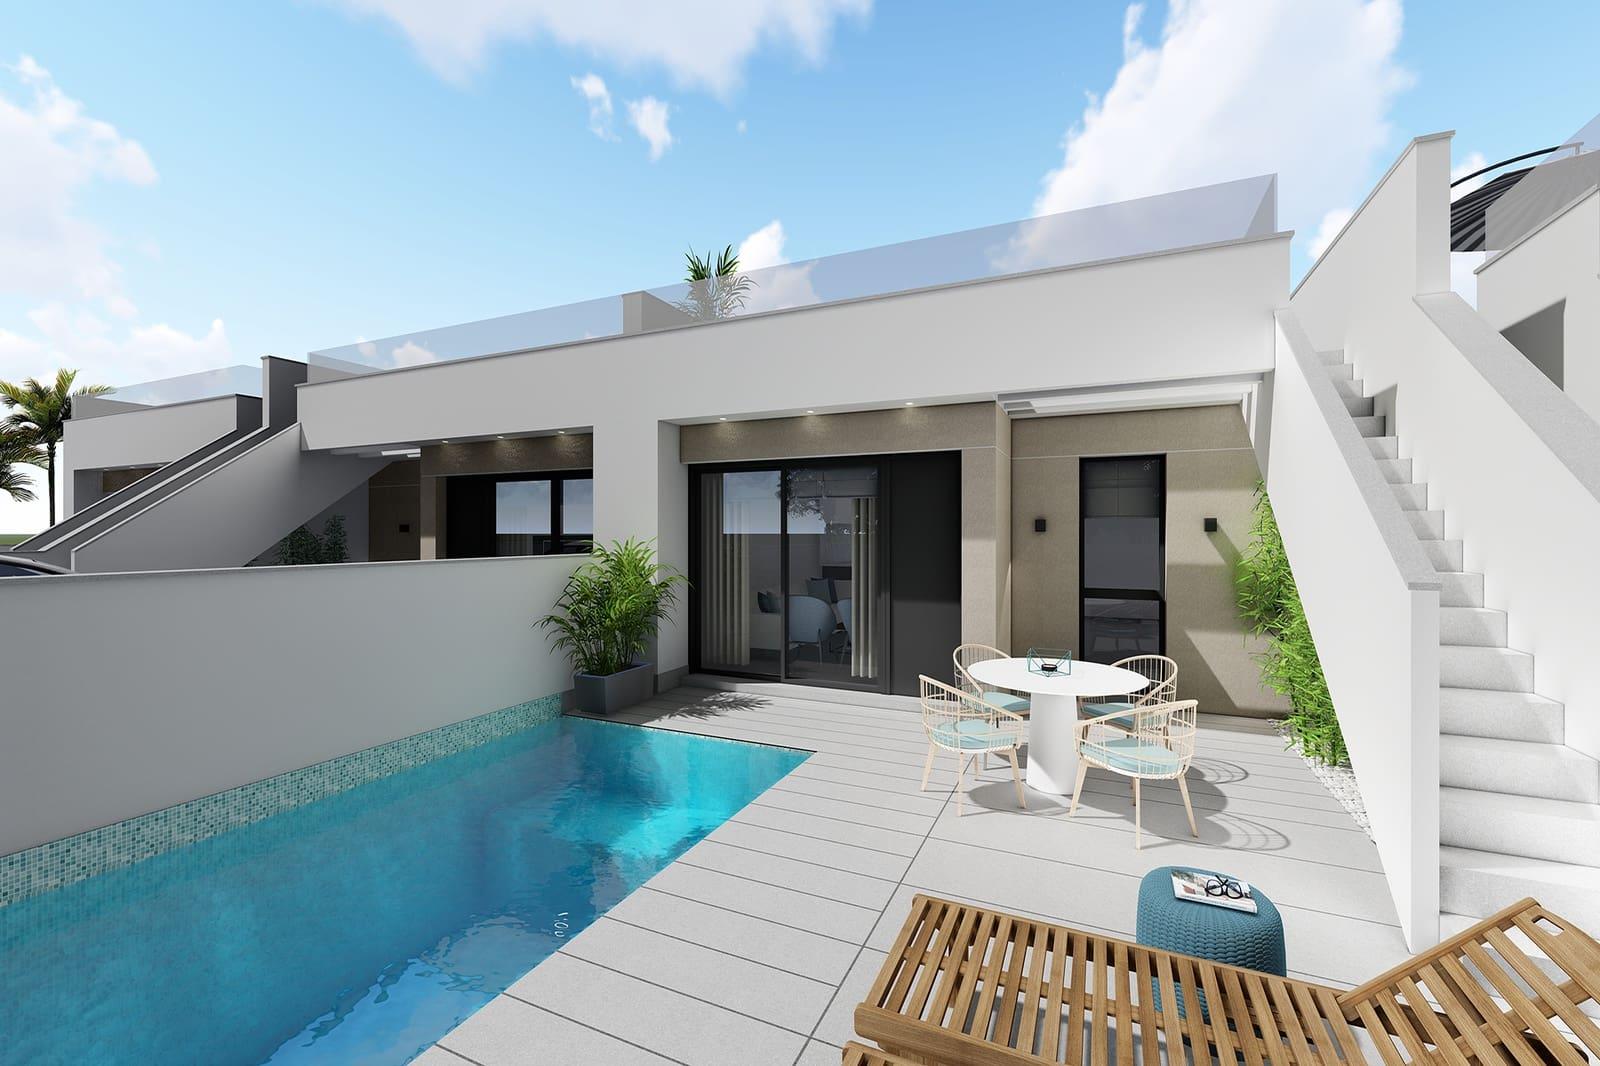 Bungalow de 3 habitaciones en Pilar de la Horadada en venta con piscina - 236.900 € (Ref: 4698145)